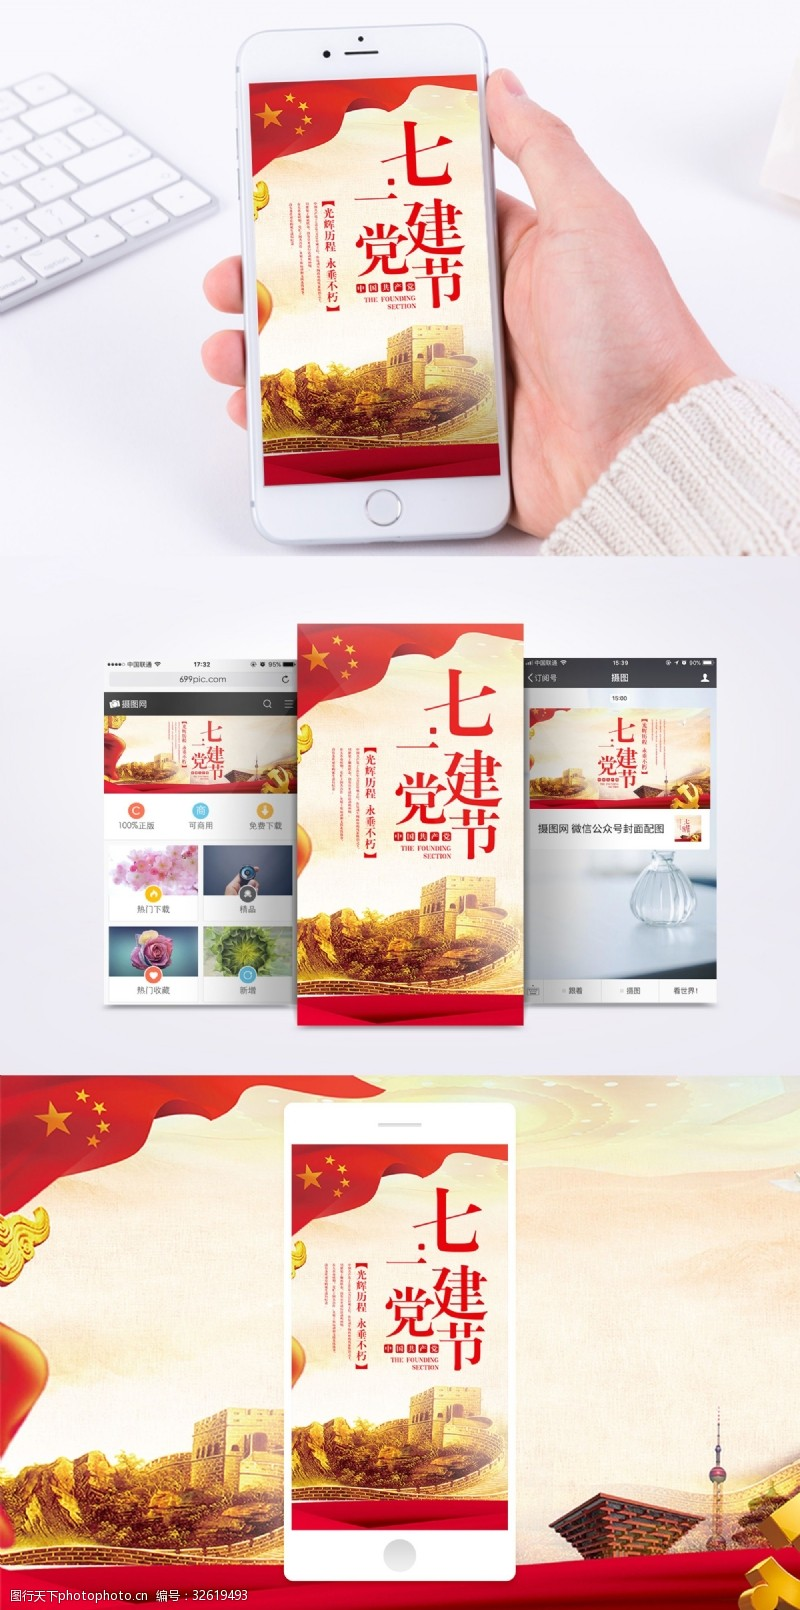 建党纪念日七一建党节手机海报配图